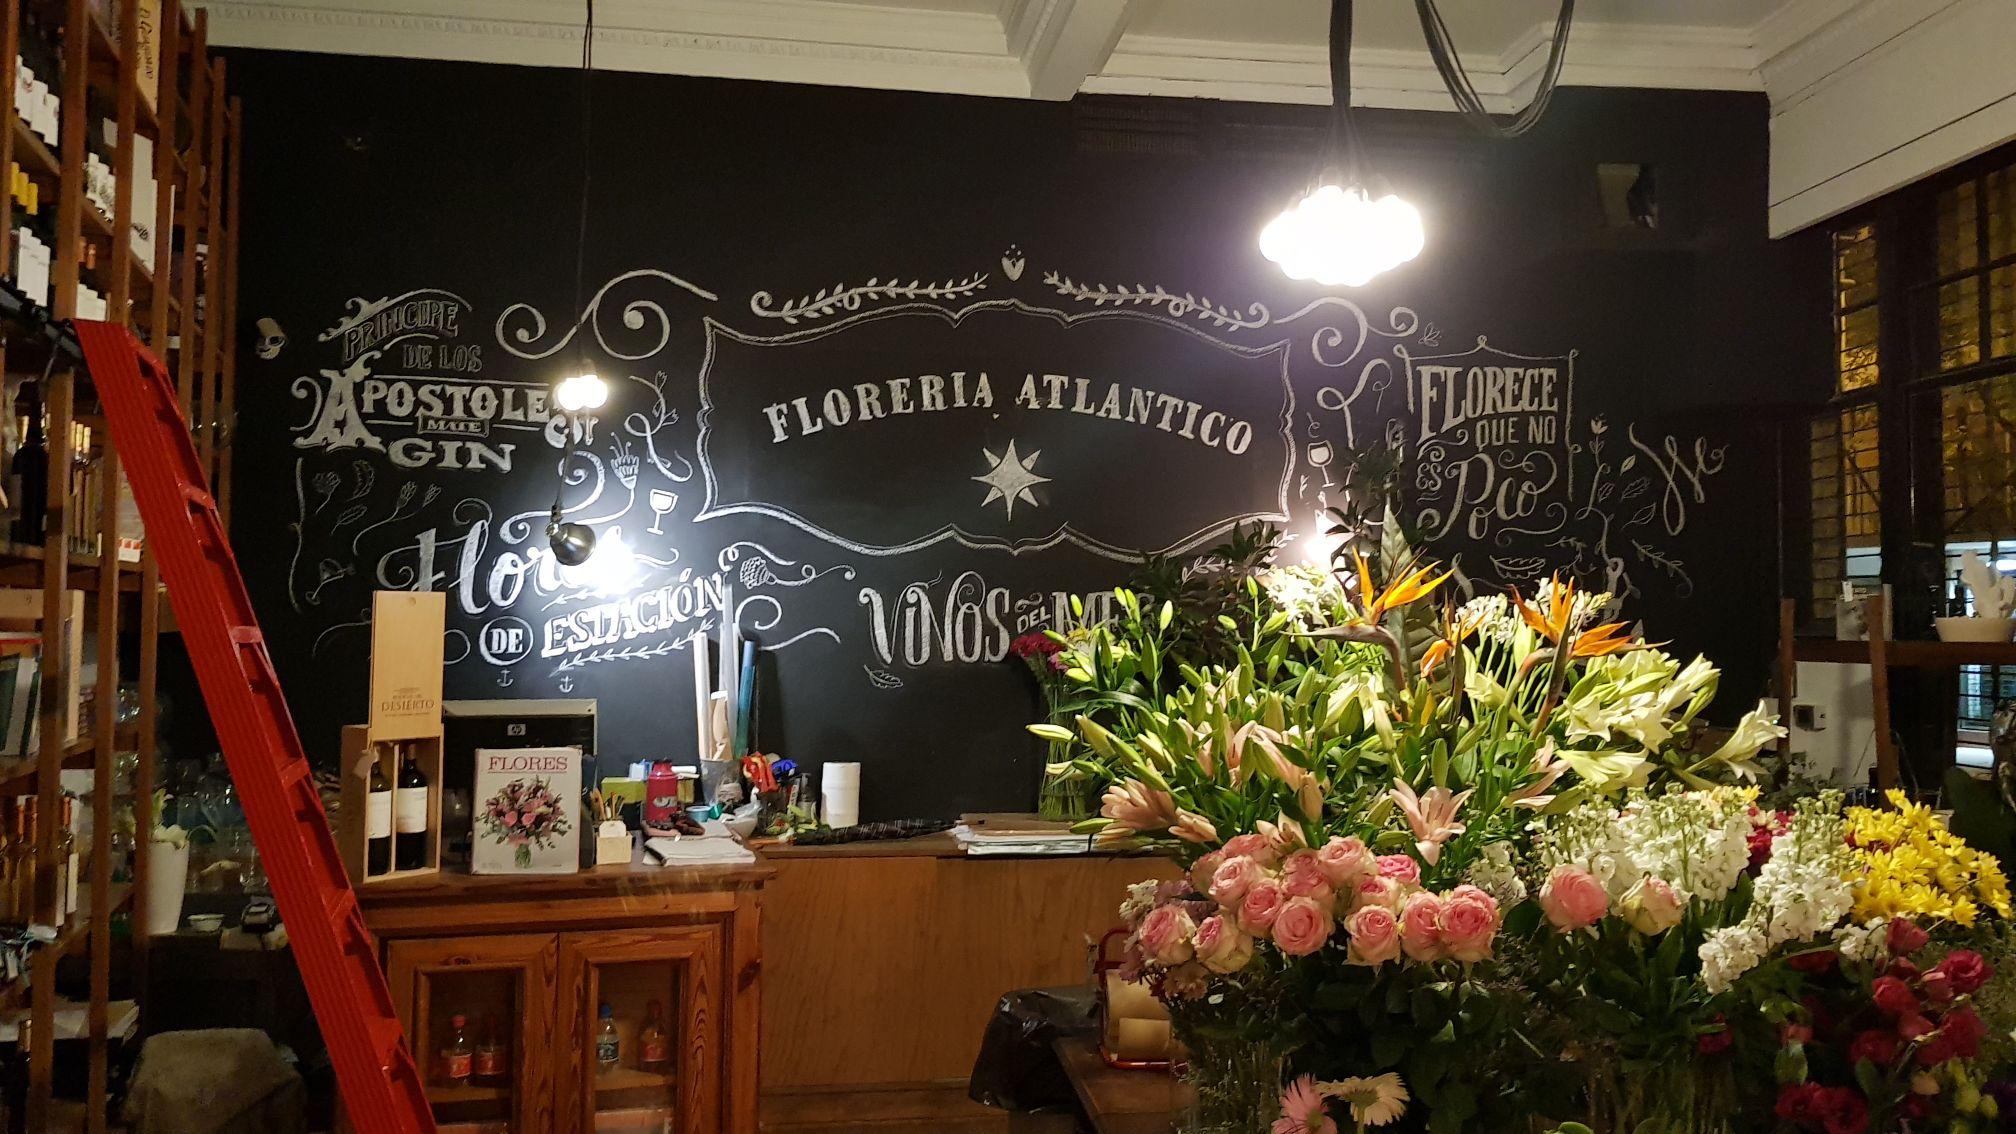 Entrada - Loja de flores - Floreria Atlântico